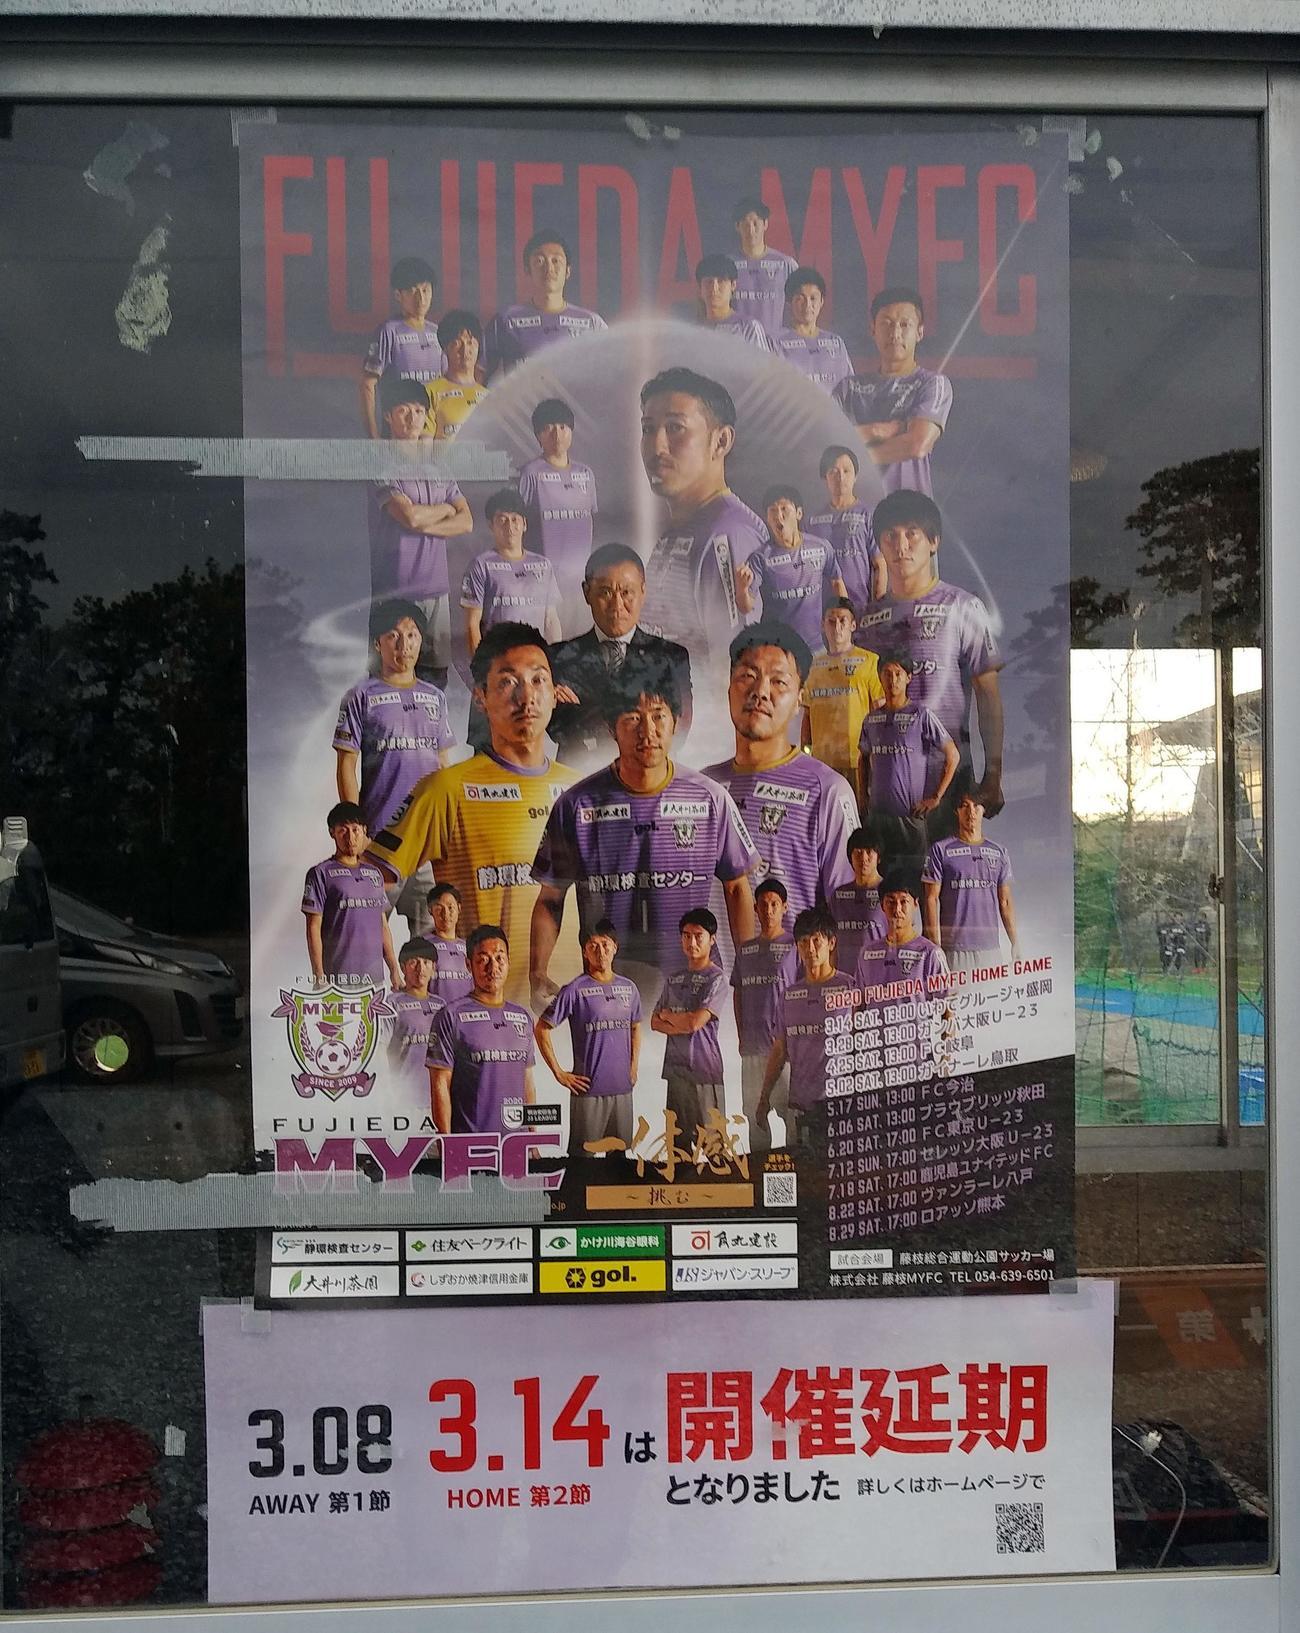 リーグ戦の開催延期を告知する藤枝のポスター